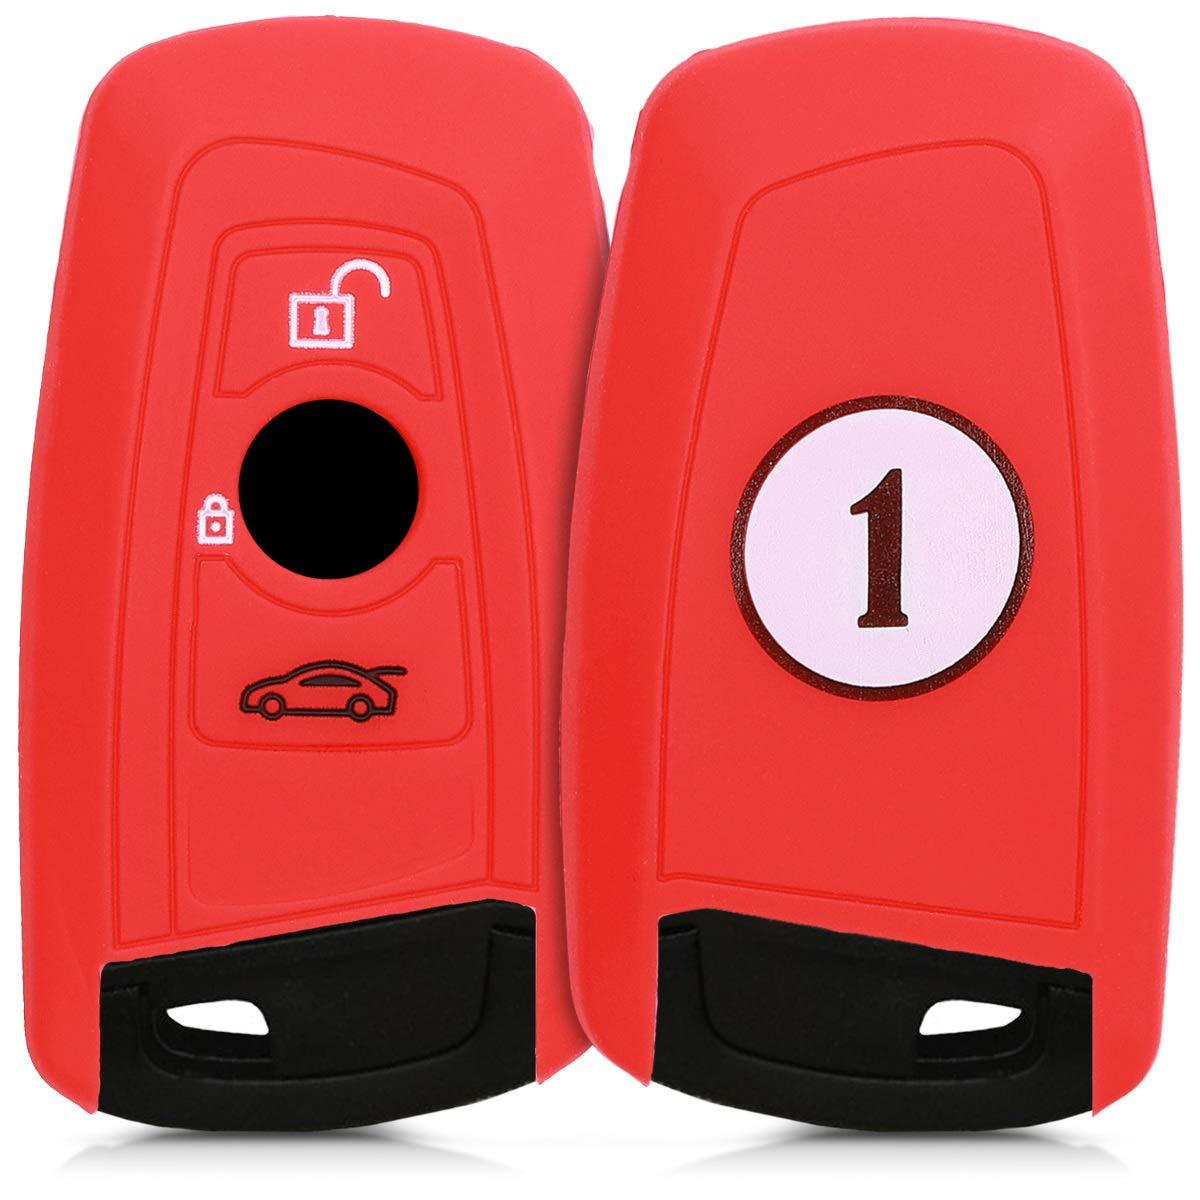 Coque pour Clef de Voiture /à Distance Keyless Go Uniquement kwmobile Accessoire cl/é de Voiture pour BMW /Étui de Protection Souple BMW 3-Bouton en Silicone Rouge-Noir